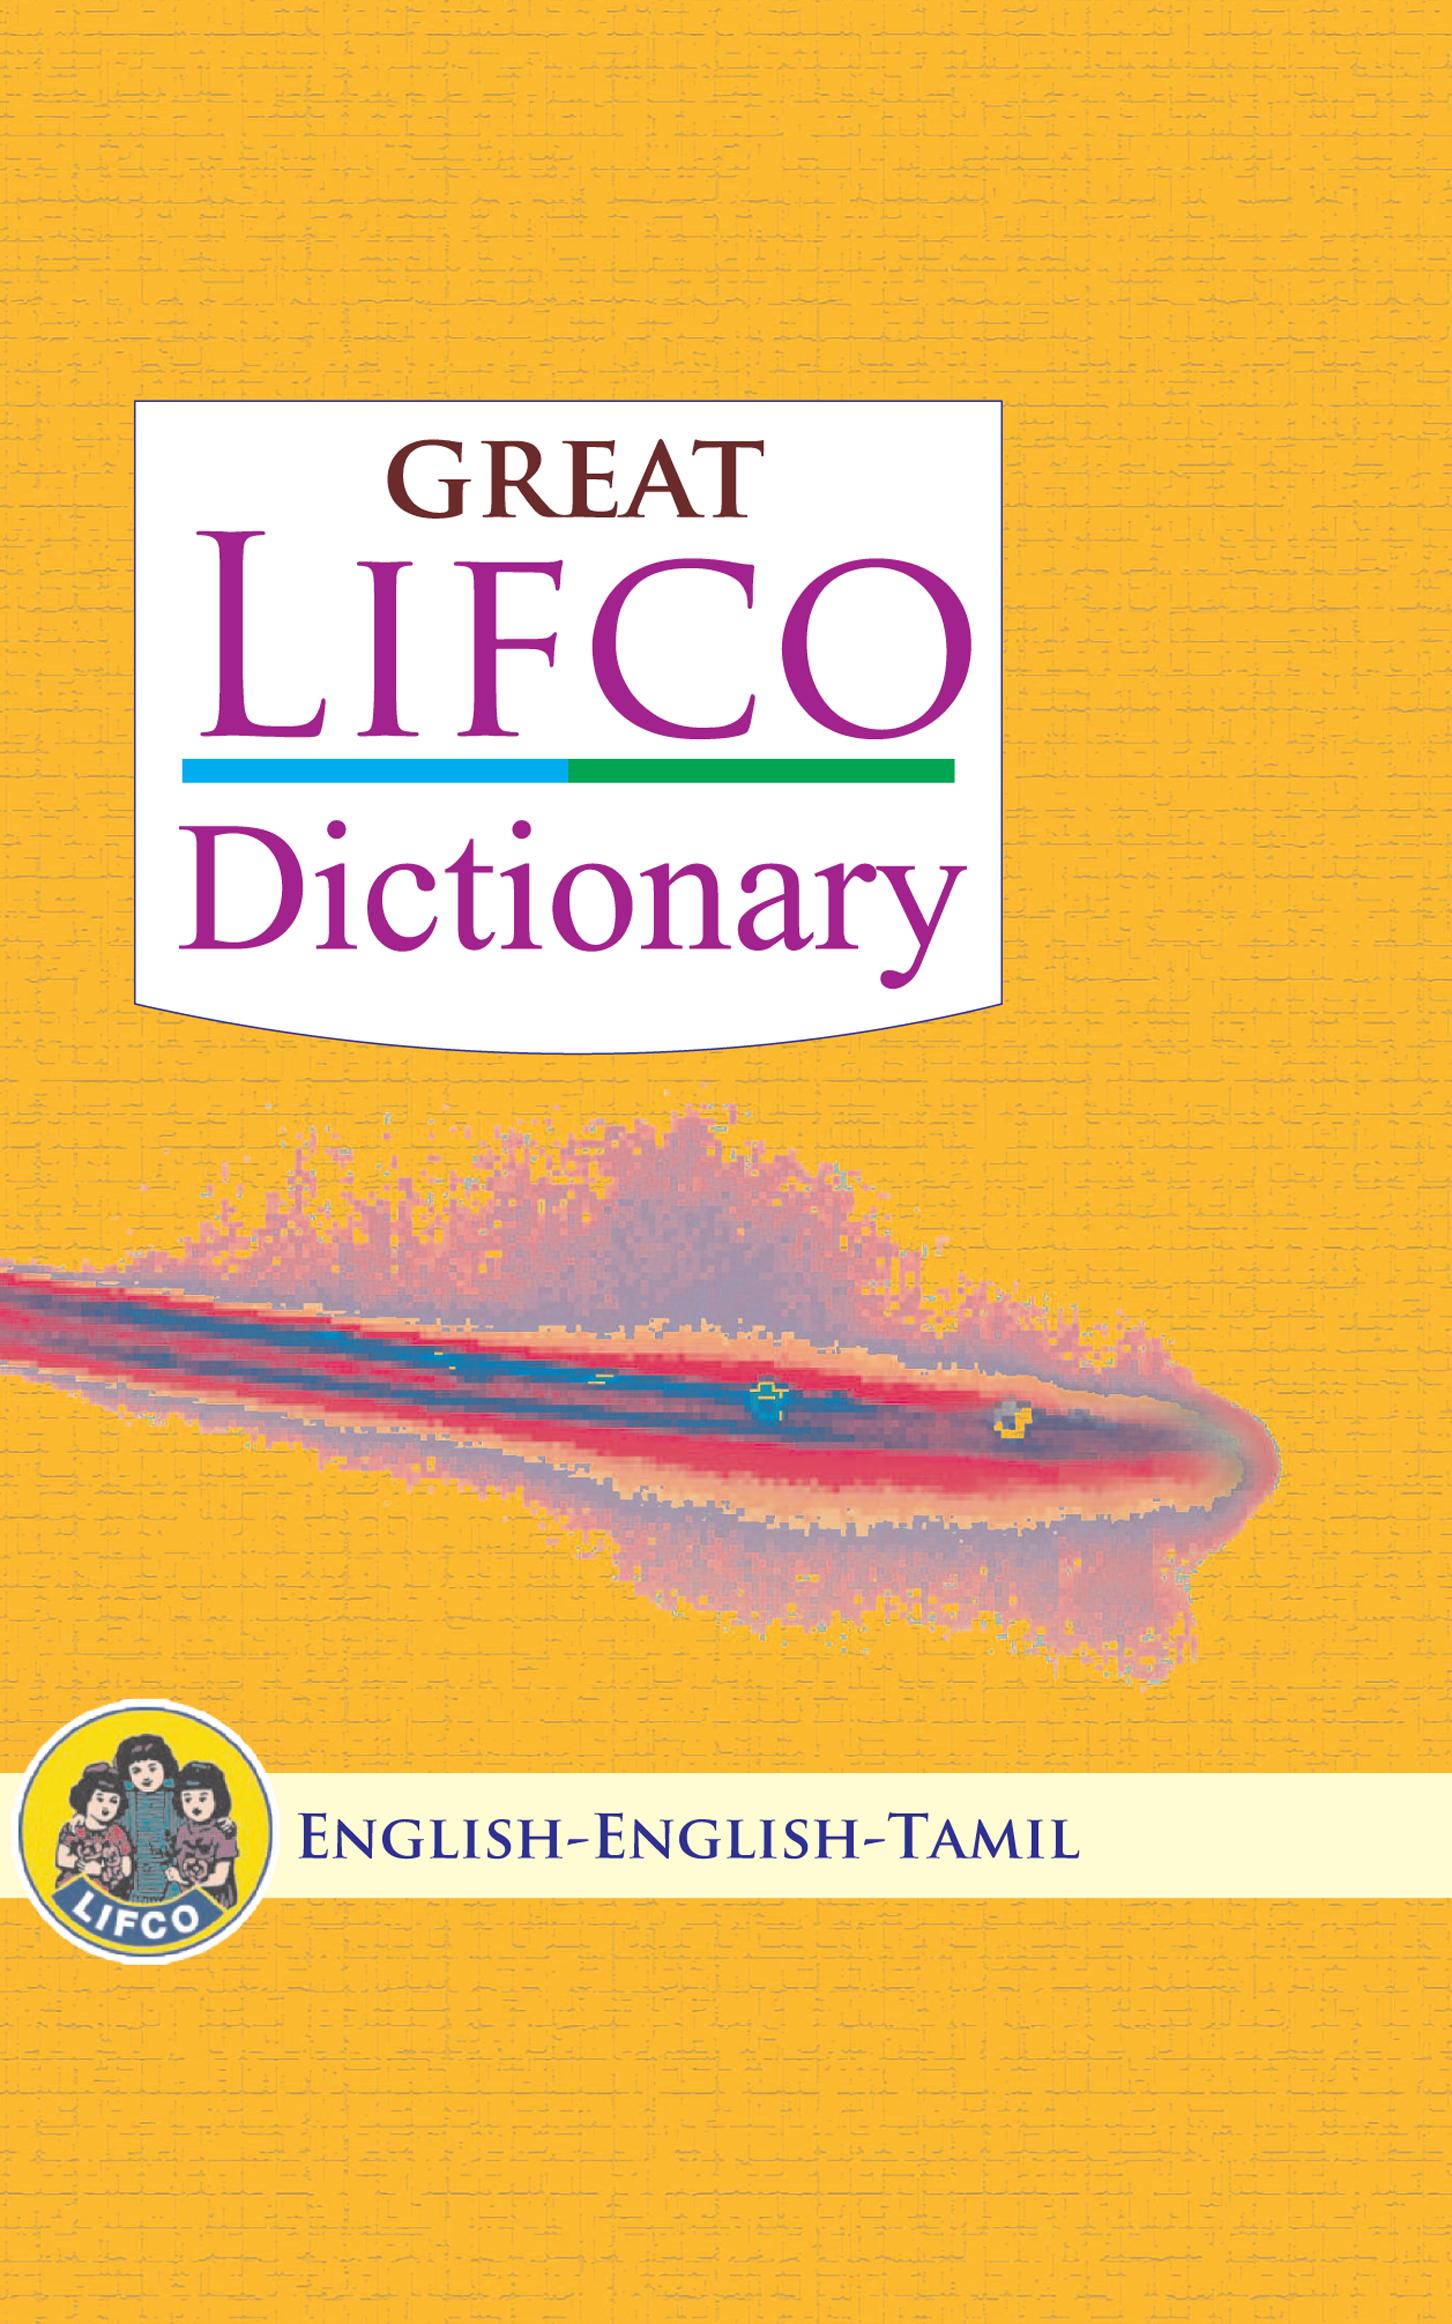 lifco dictionary software